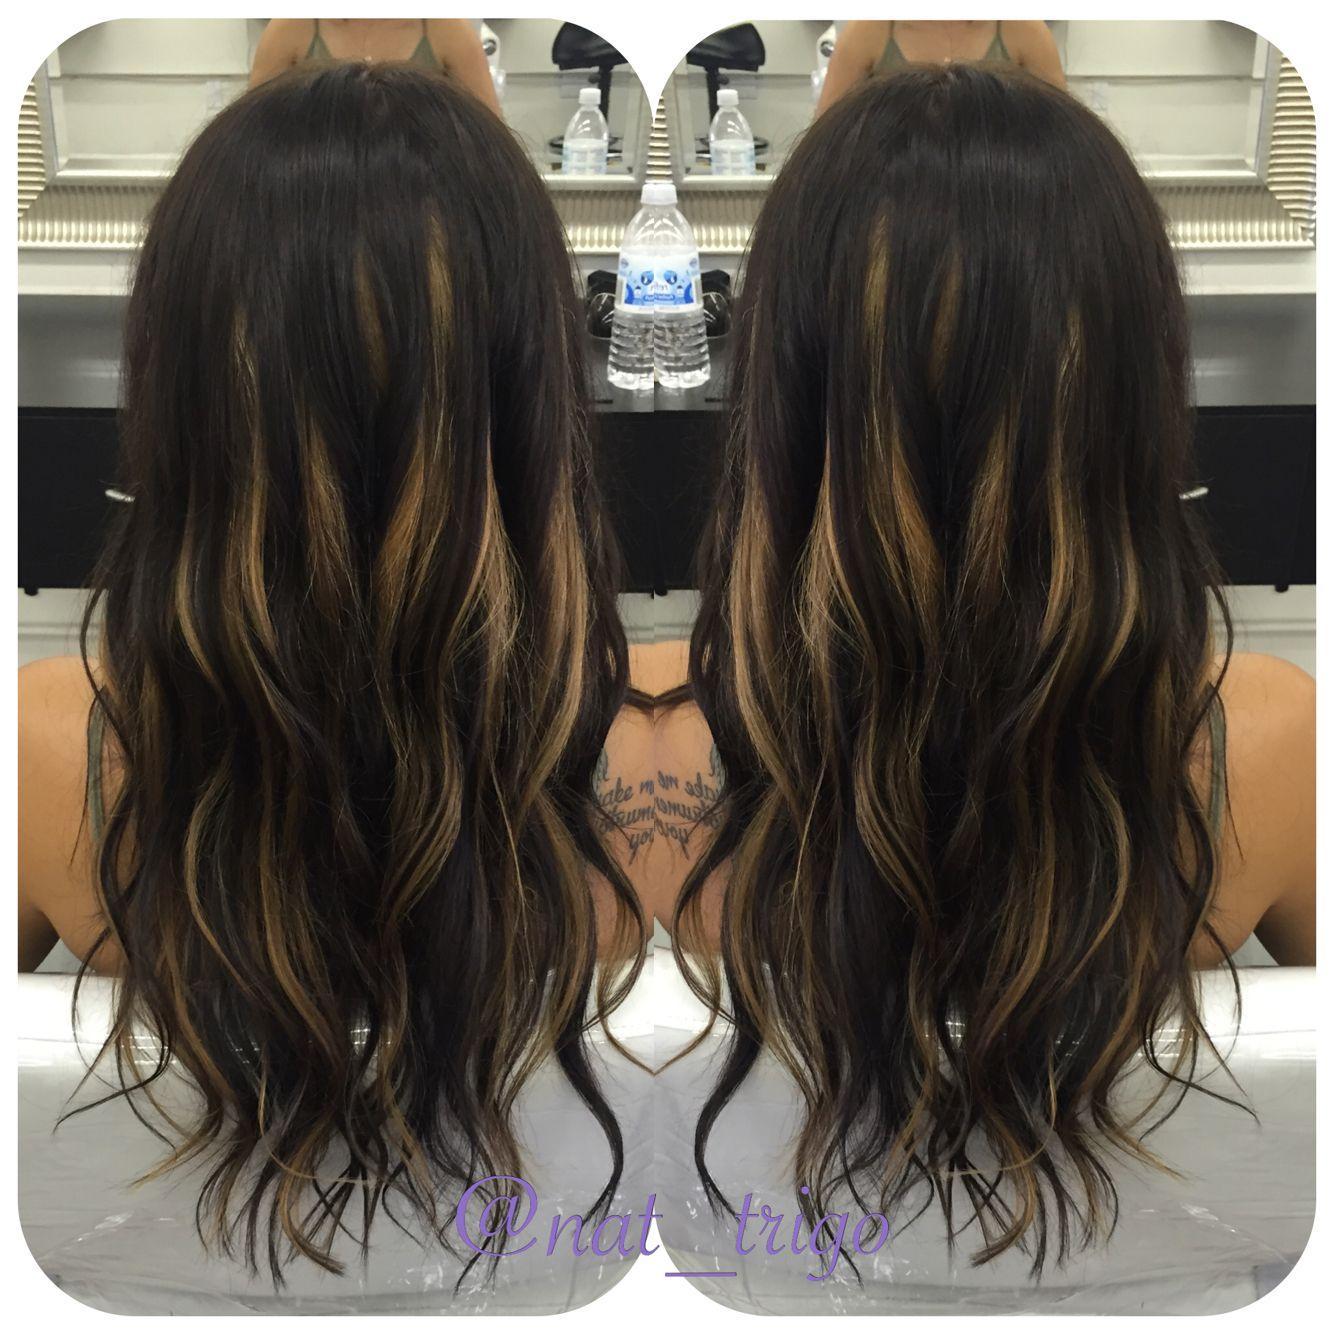 Peekaboo Highlights Peekaboo Hair Hairstylist Dark Hair With Highlights Peekaboo Hair Hair